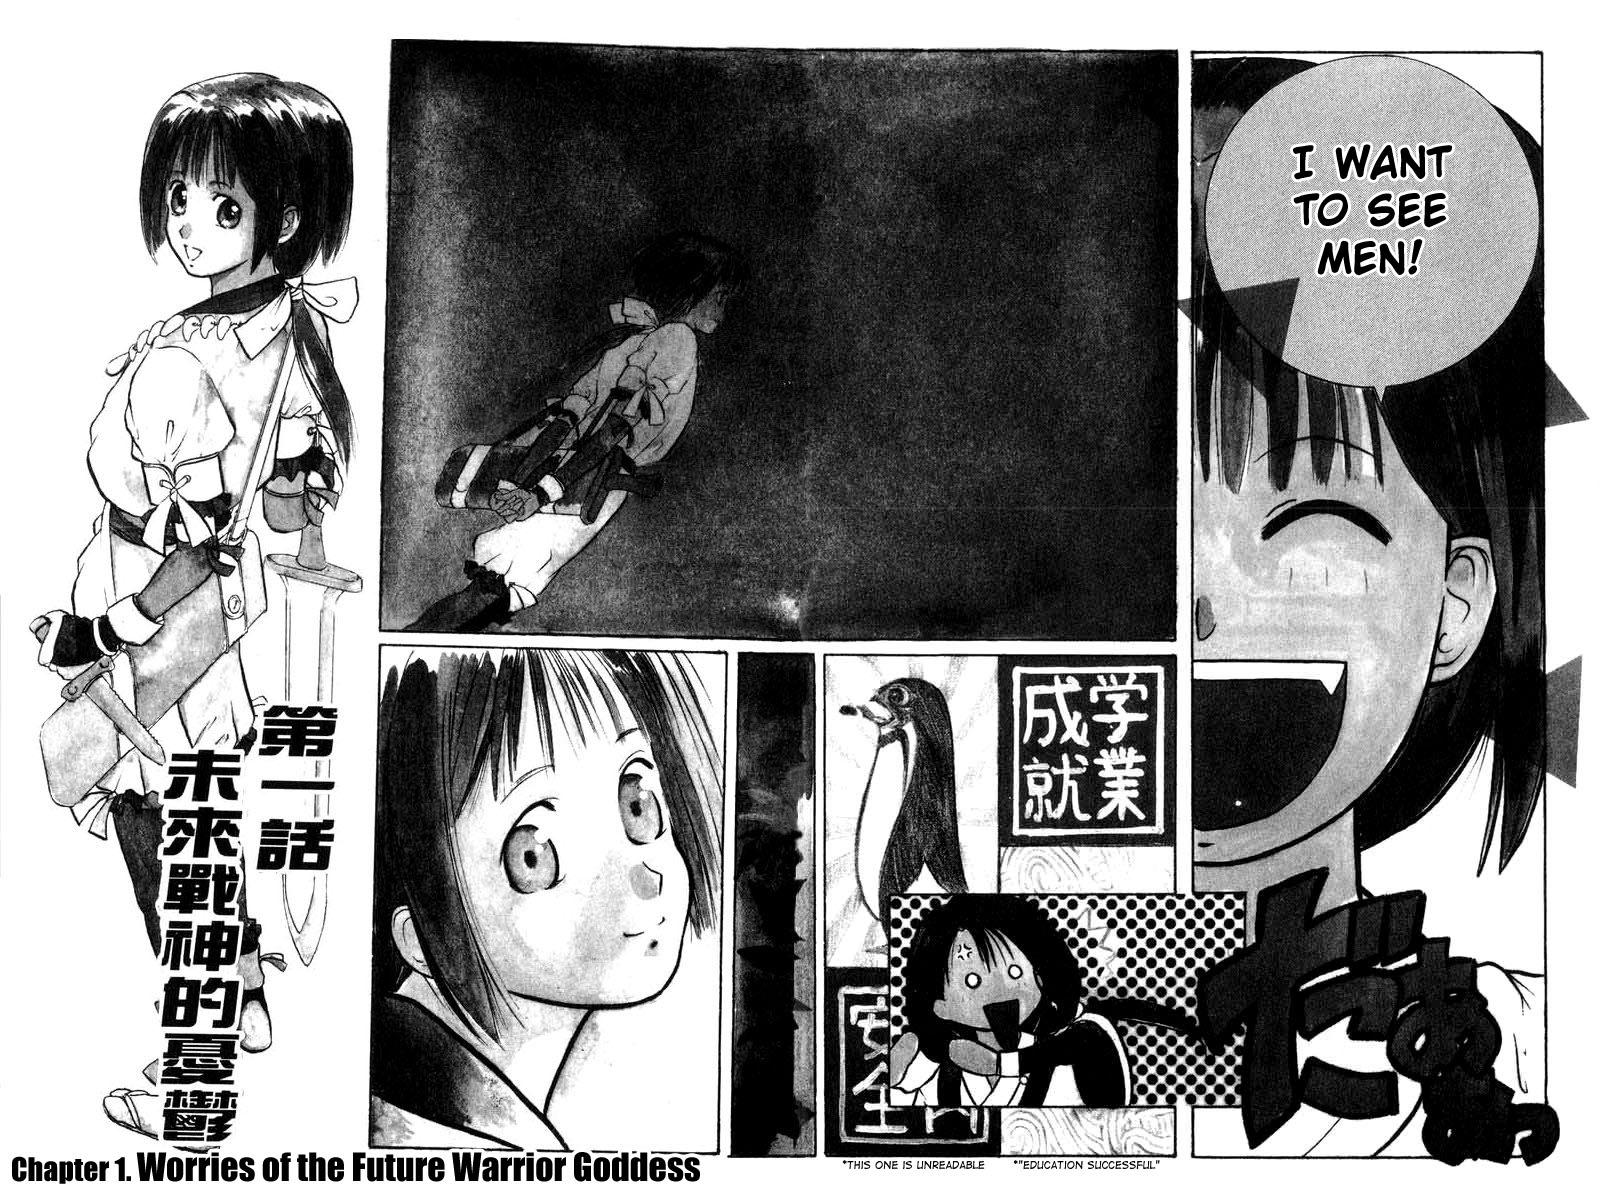 Kami-sama no Tsukurikata - Chapter 1